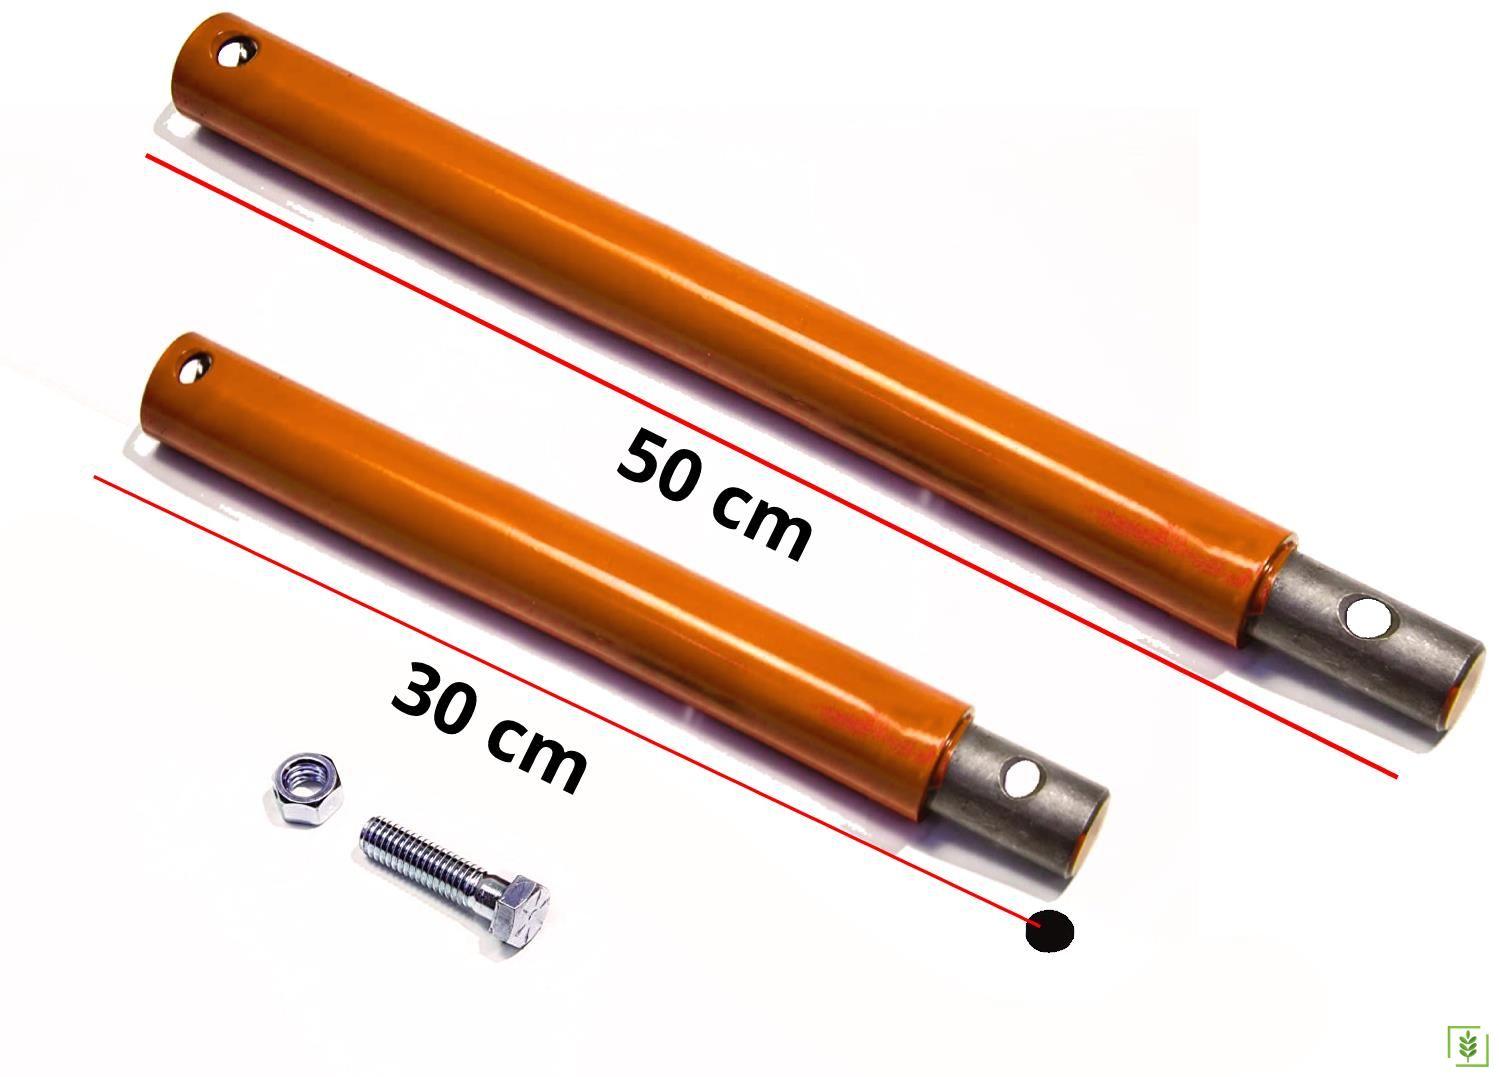 Tomking Toprak Burgu Makinası Uzatma Aparatları 30/50 cm